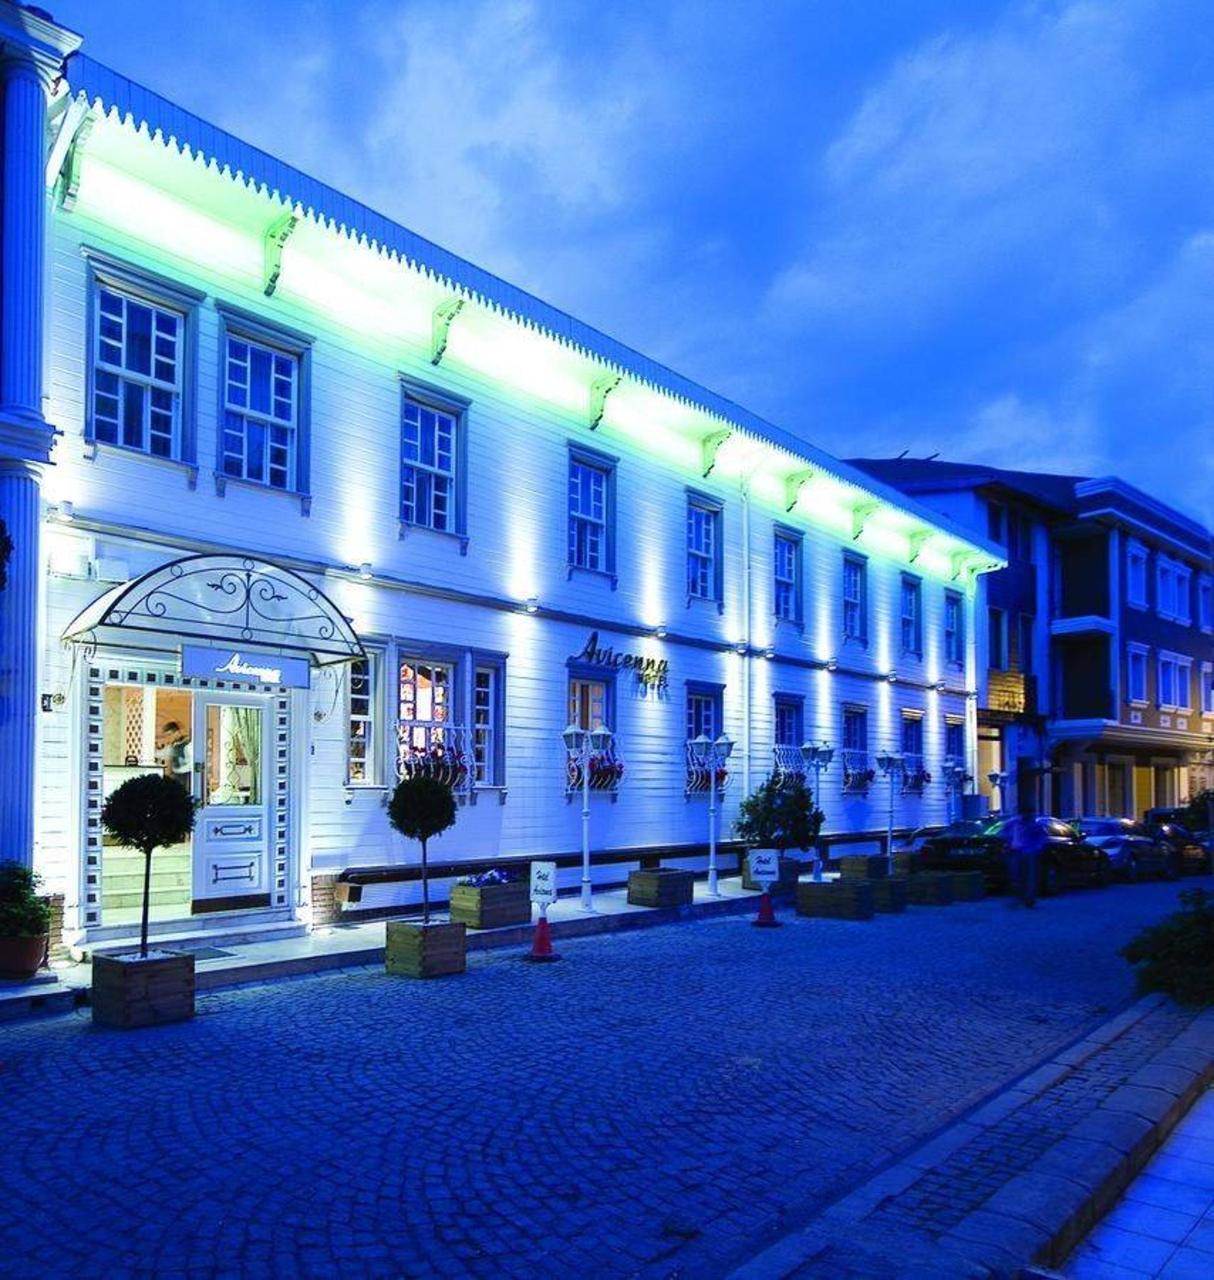 A nemrégiben felújított hotel Isztambul történelmi negyedében, Sultanahmetben helyezkedik el, az új Hagia Sophia repülőtértől kb. 46 km-re fekszik. A Hagia Sophia, a Kék mecset és a Topkapi palota is egy rövid sétával megközelíthető.